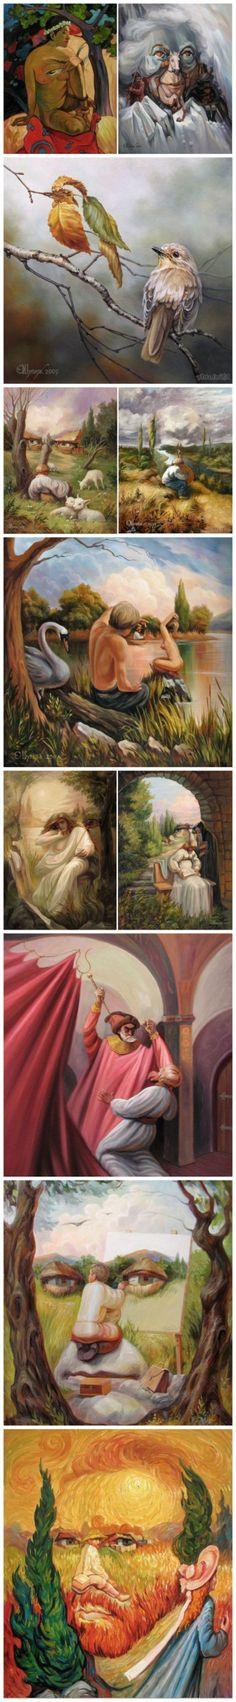 画中画、人中人。来自乌克兰艺术家Oleg Shuplyak的一组有趣的错视画作。